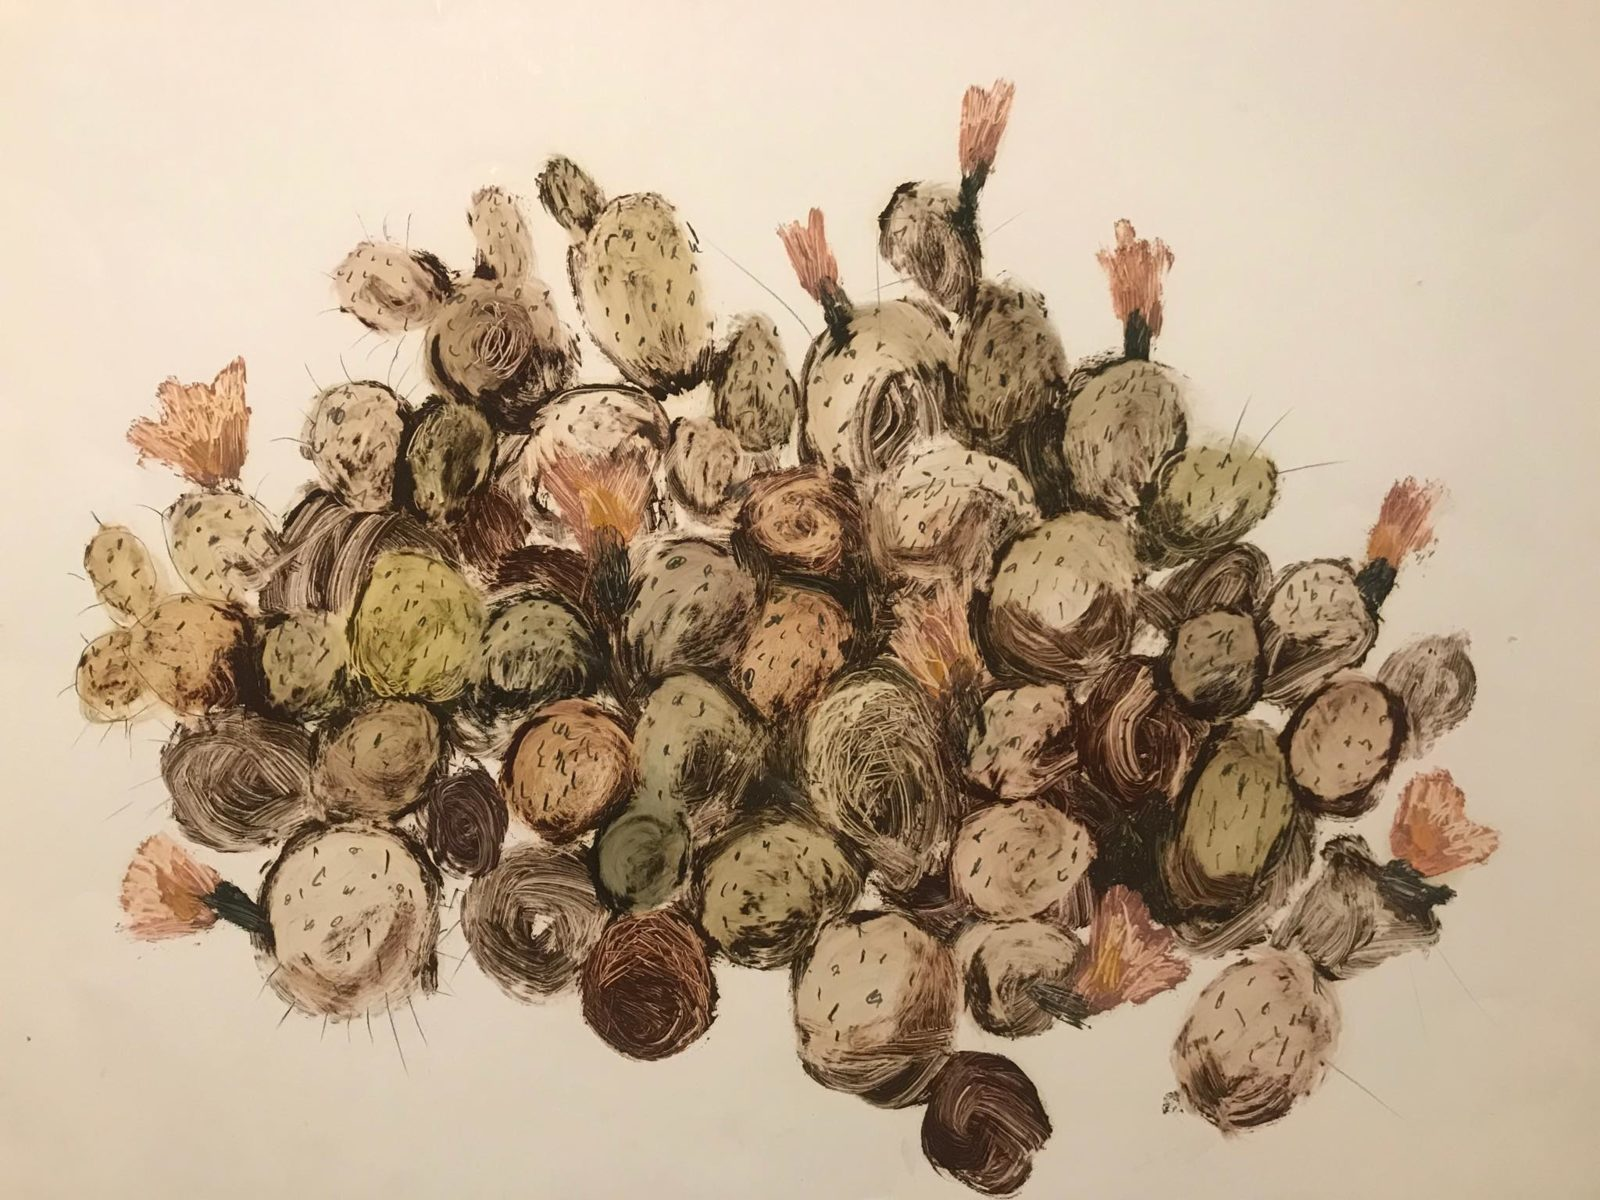 Выставка «Отверженные / Water the Plants» в галерее «Измайлово» – события на сайте «Московские Сезоны»